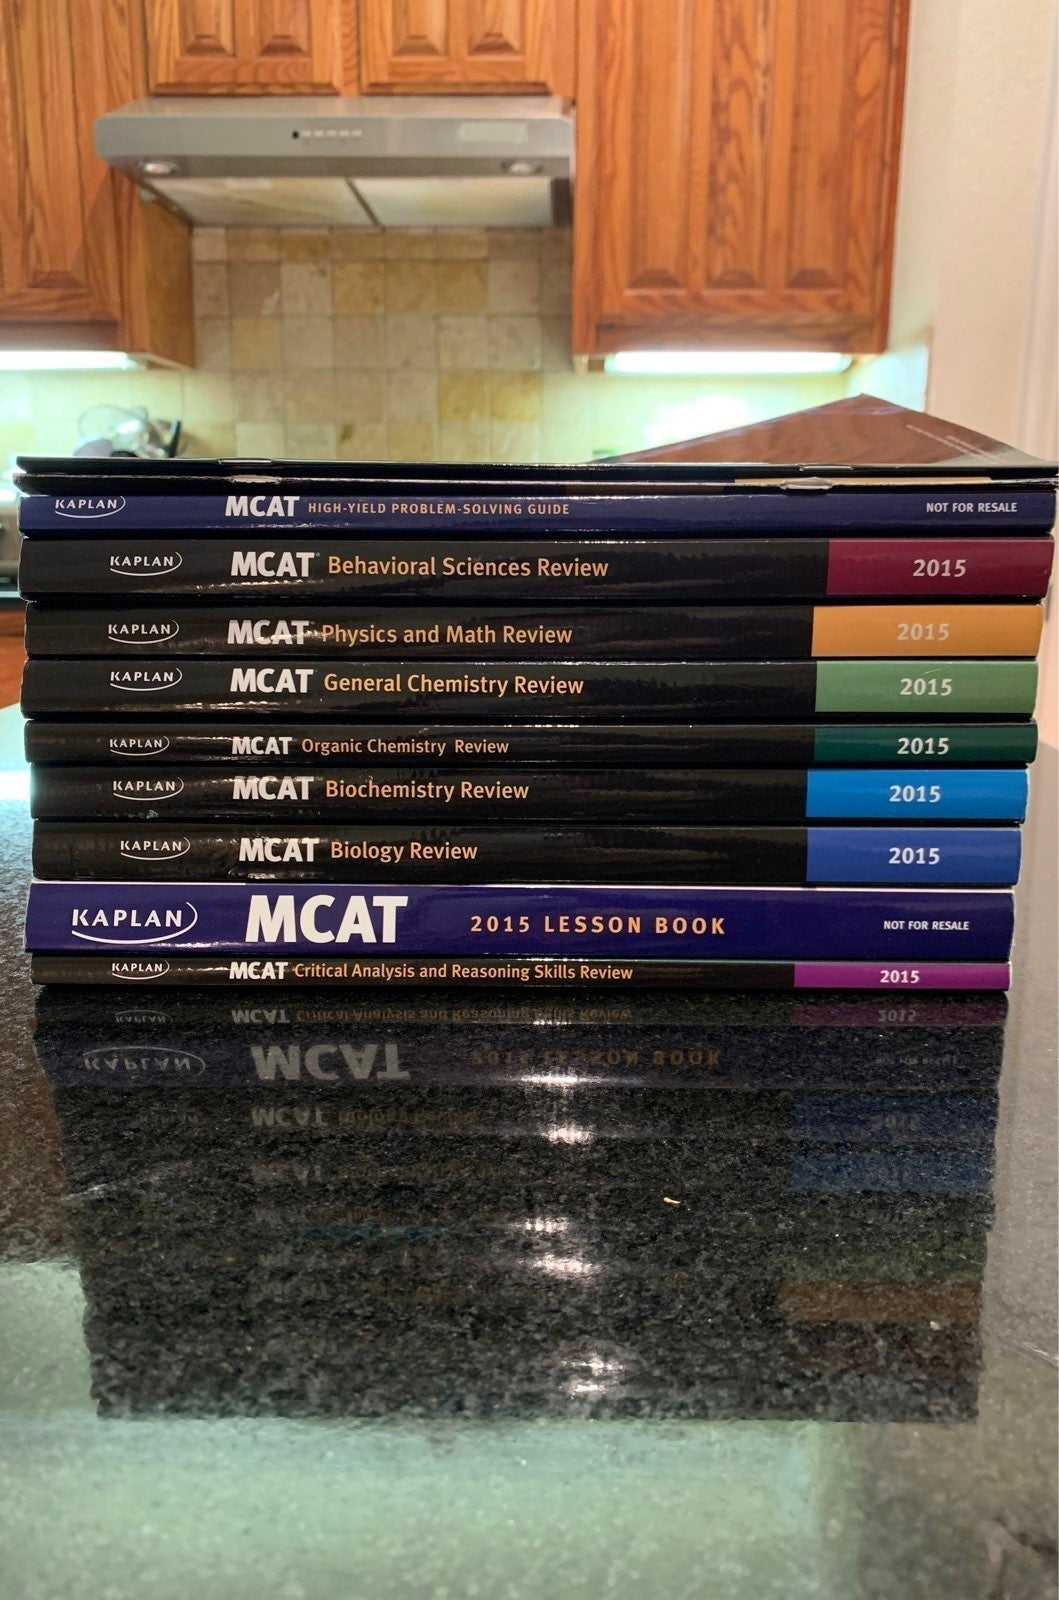 12 Kaplan MCAT Books